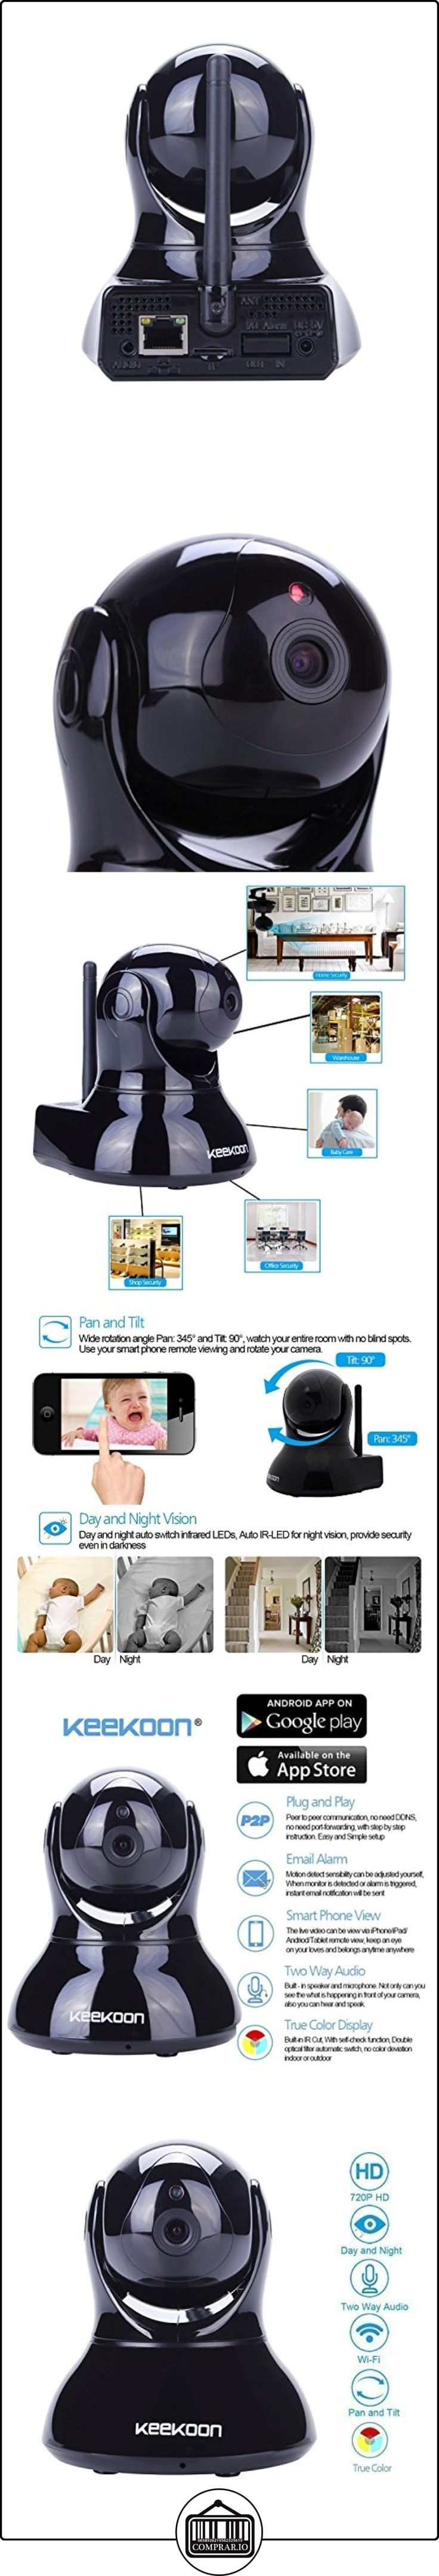 AGPtek (enchufe de la UE) P2P 720p (1280 x 720p) de video HD Mega camara de interior de la red WIFI de seguridad IP inalámbrica circuito cerrado de píxeles IR IR-Cut vision nocturna DVR integrado mediante tarjeta SD, audio de dos vías, Pan Tilt, deteccion de movimiento (Negro )  ✿ Seguridad para tu bebé - (Protege a tus hijos) ✿ ▬► Ver oferta: http://comprar.io/goto/B00X5DT866